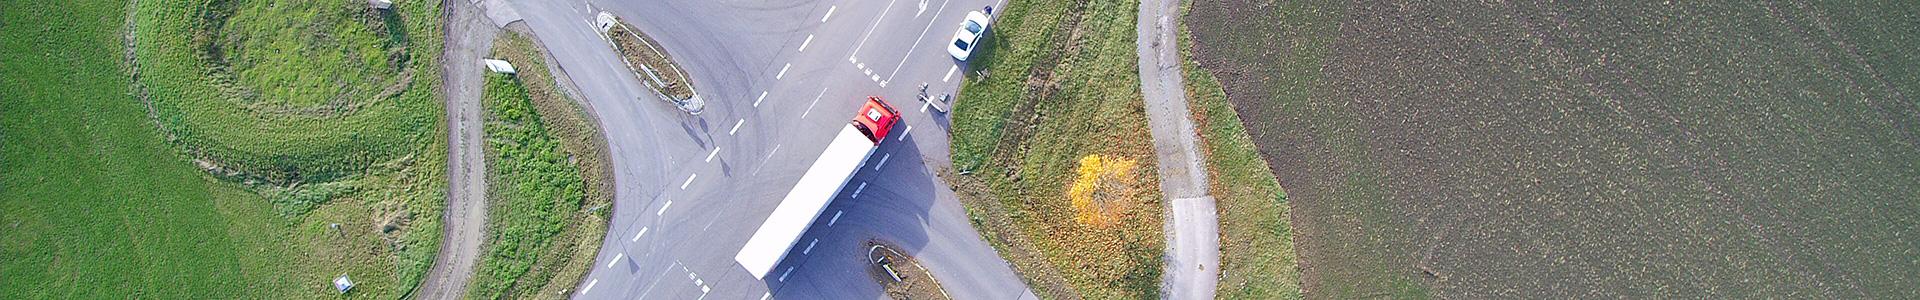 Die Einfahrt zum Gewerbepark Rothenburg ob der Tauber und Umland aus der Vogelperspektive